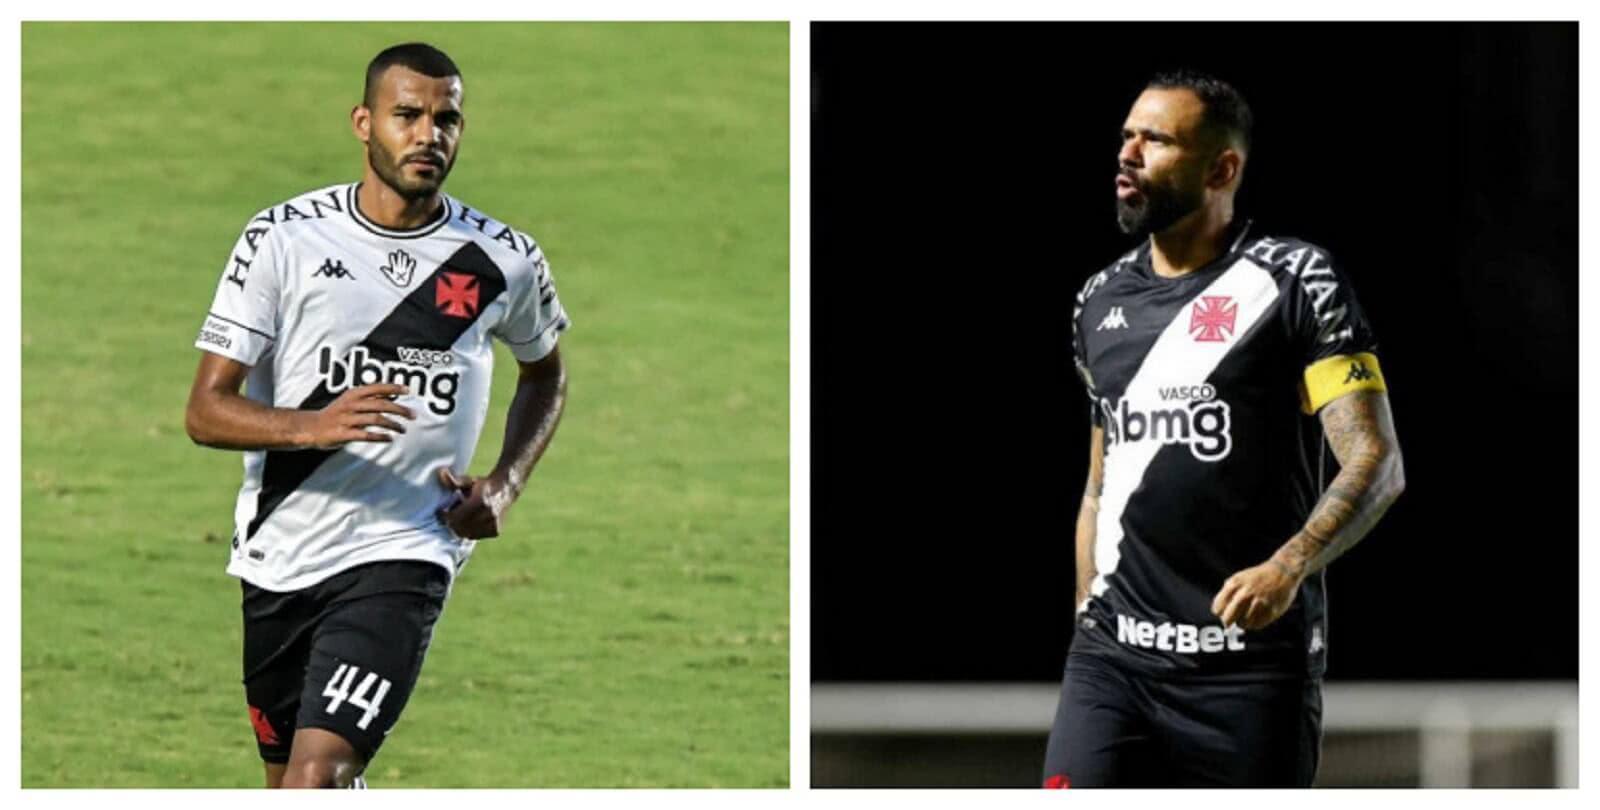 Respectivamente, Ernando e Leandro Castan